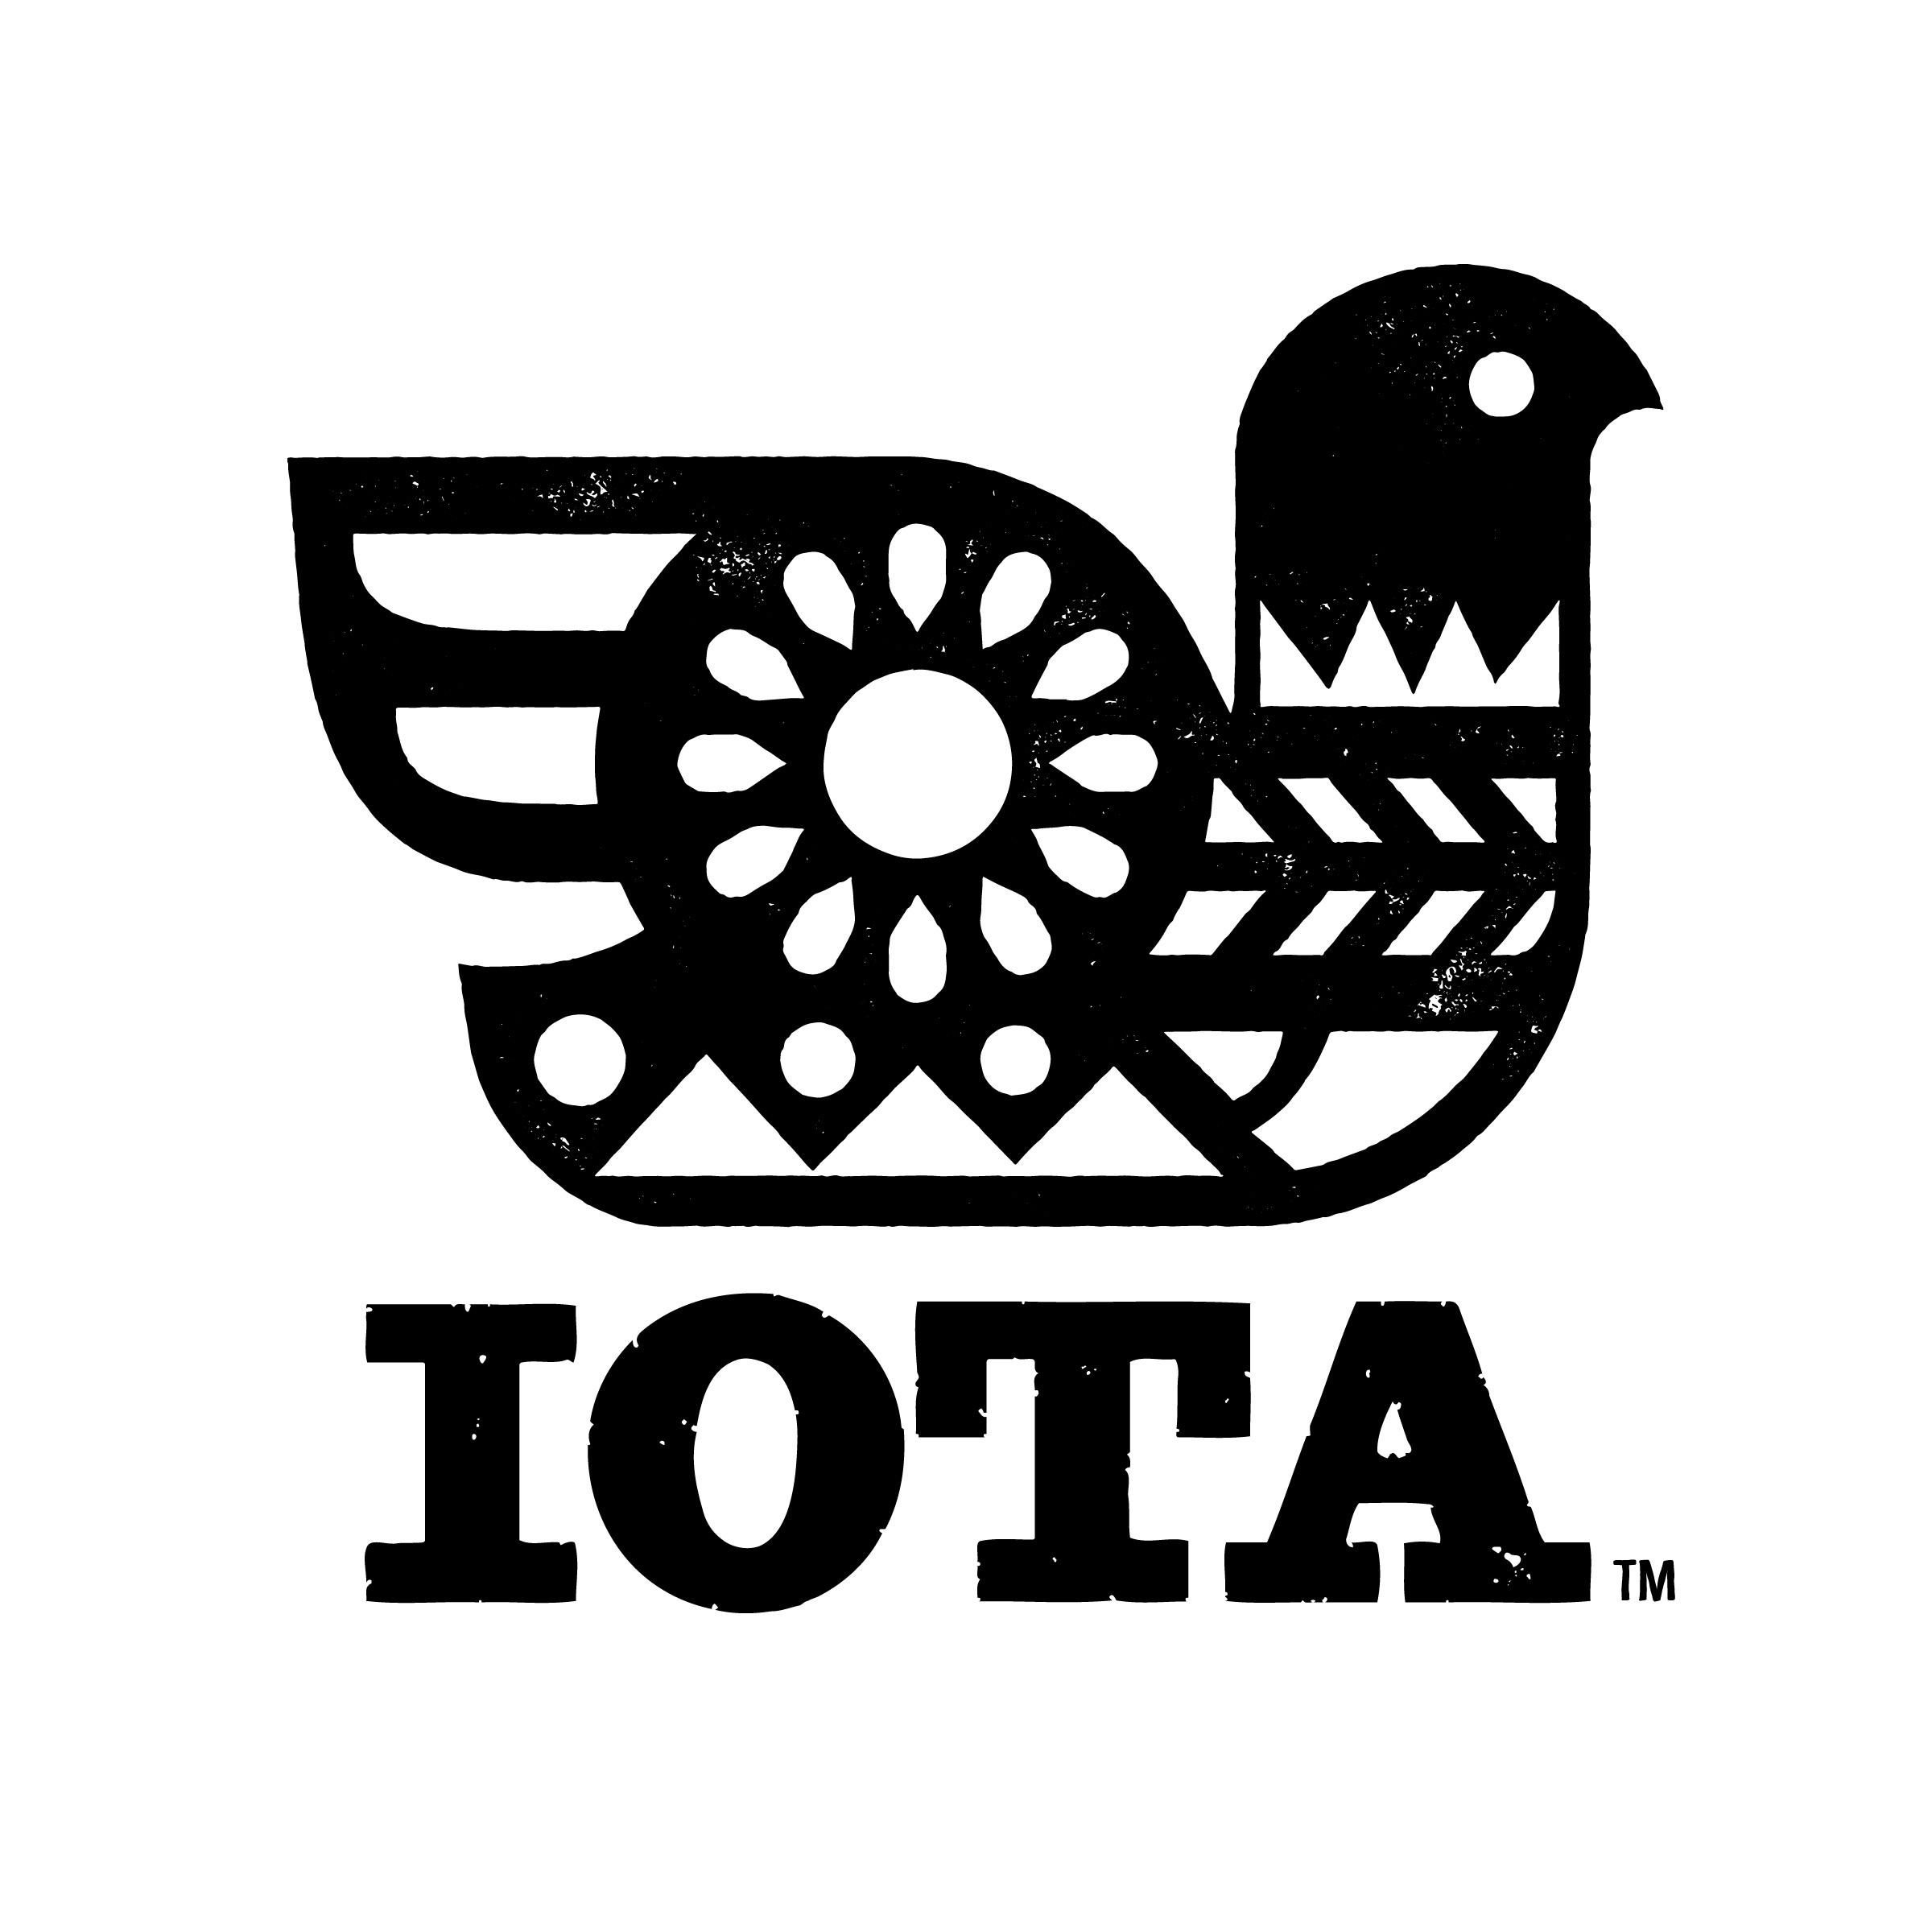 IOTA_LOGOS-01.jpg